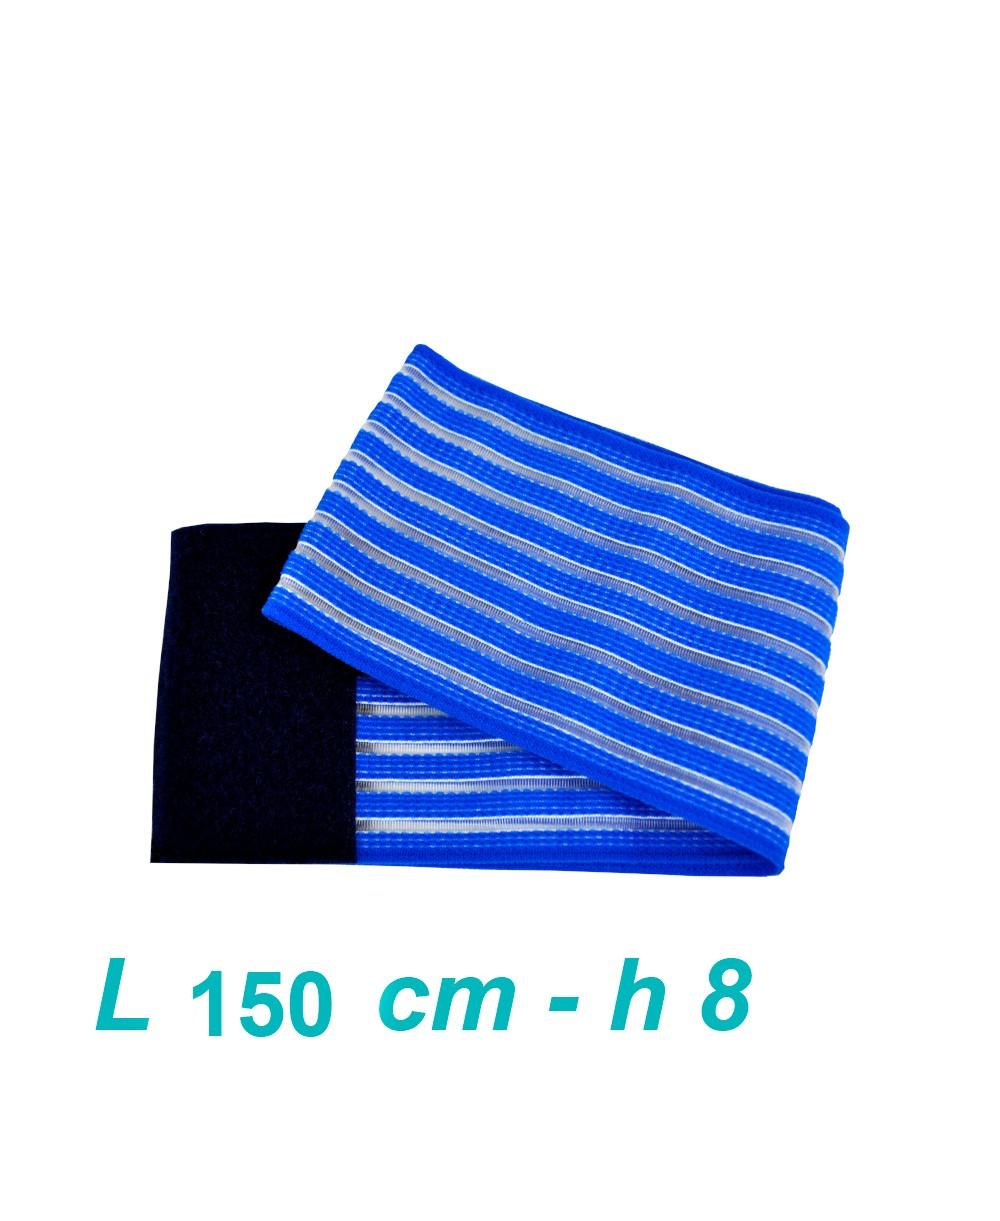 Fascia Elasticizzata Ferma Elettrodi di Elettroterapia e Magnetoterapia Cm 8 x 150